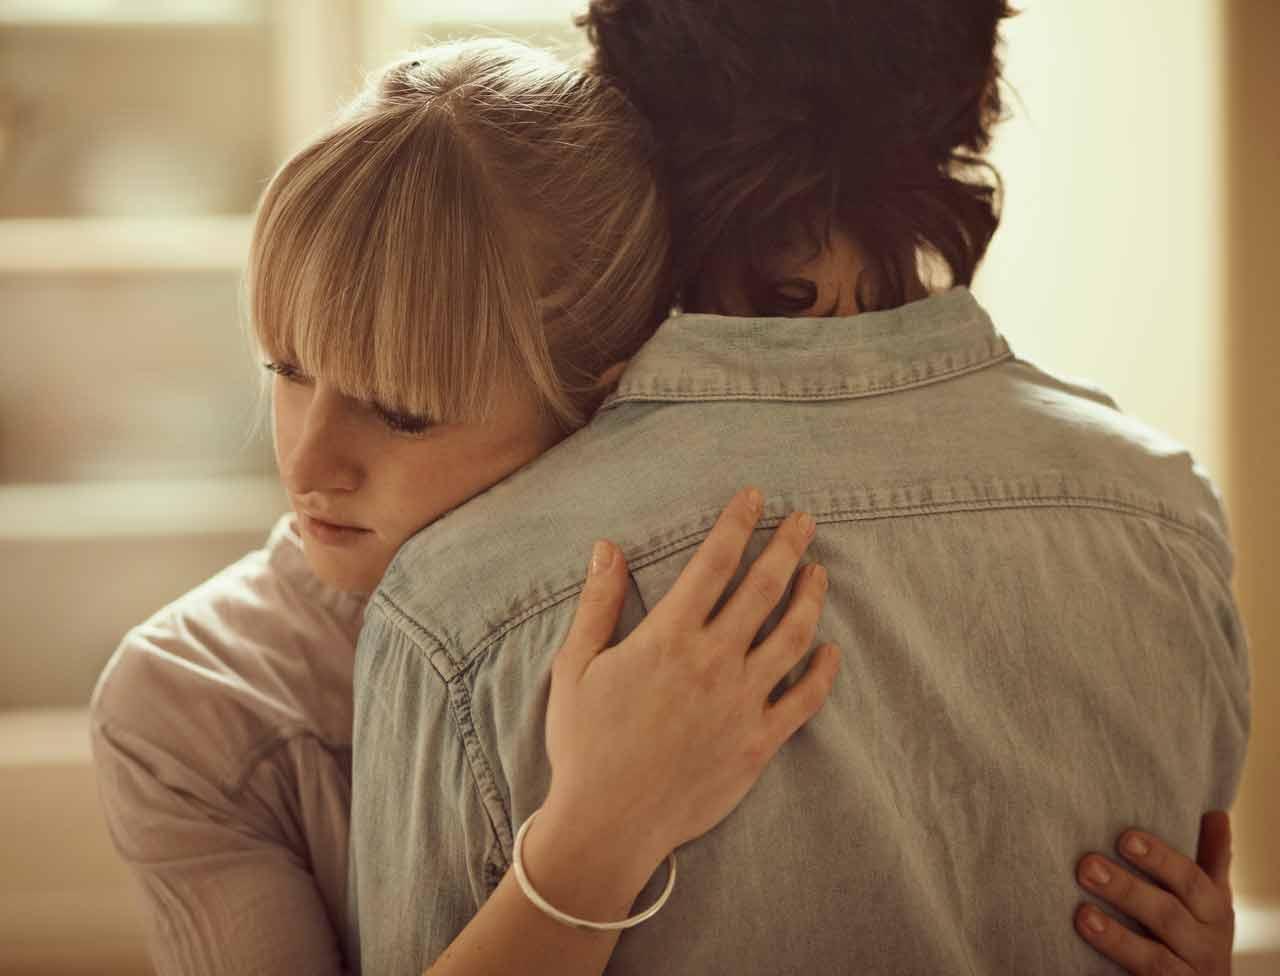 comment-se-reconcilier-avec-son-ex1